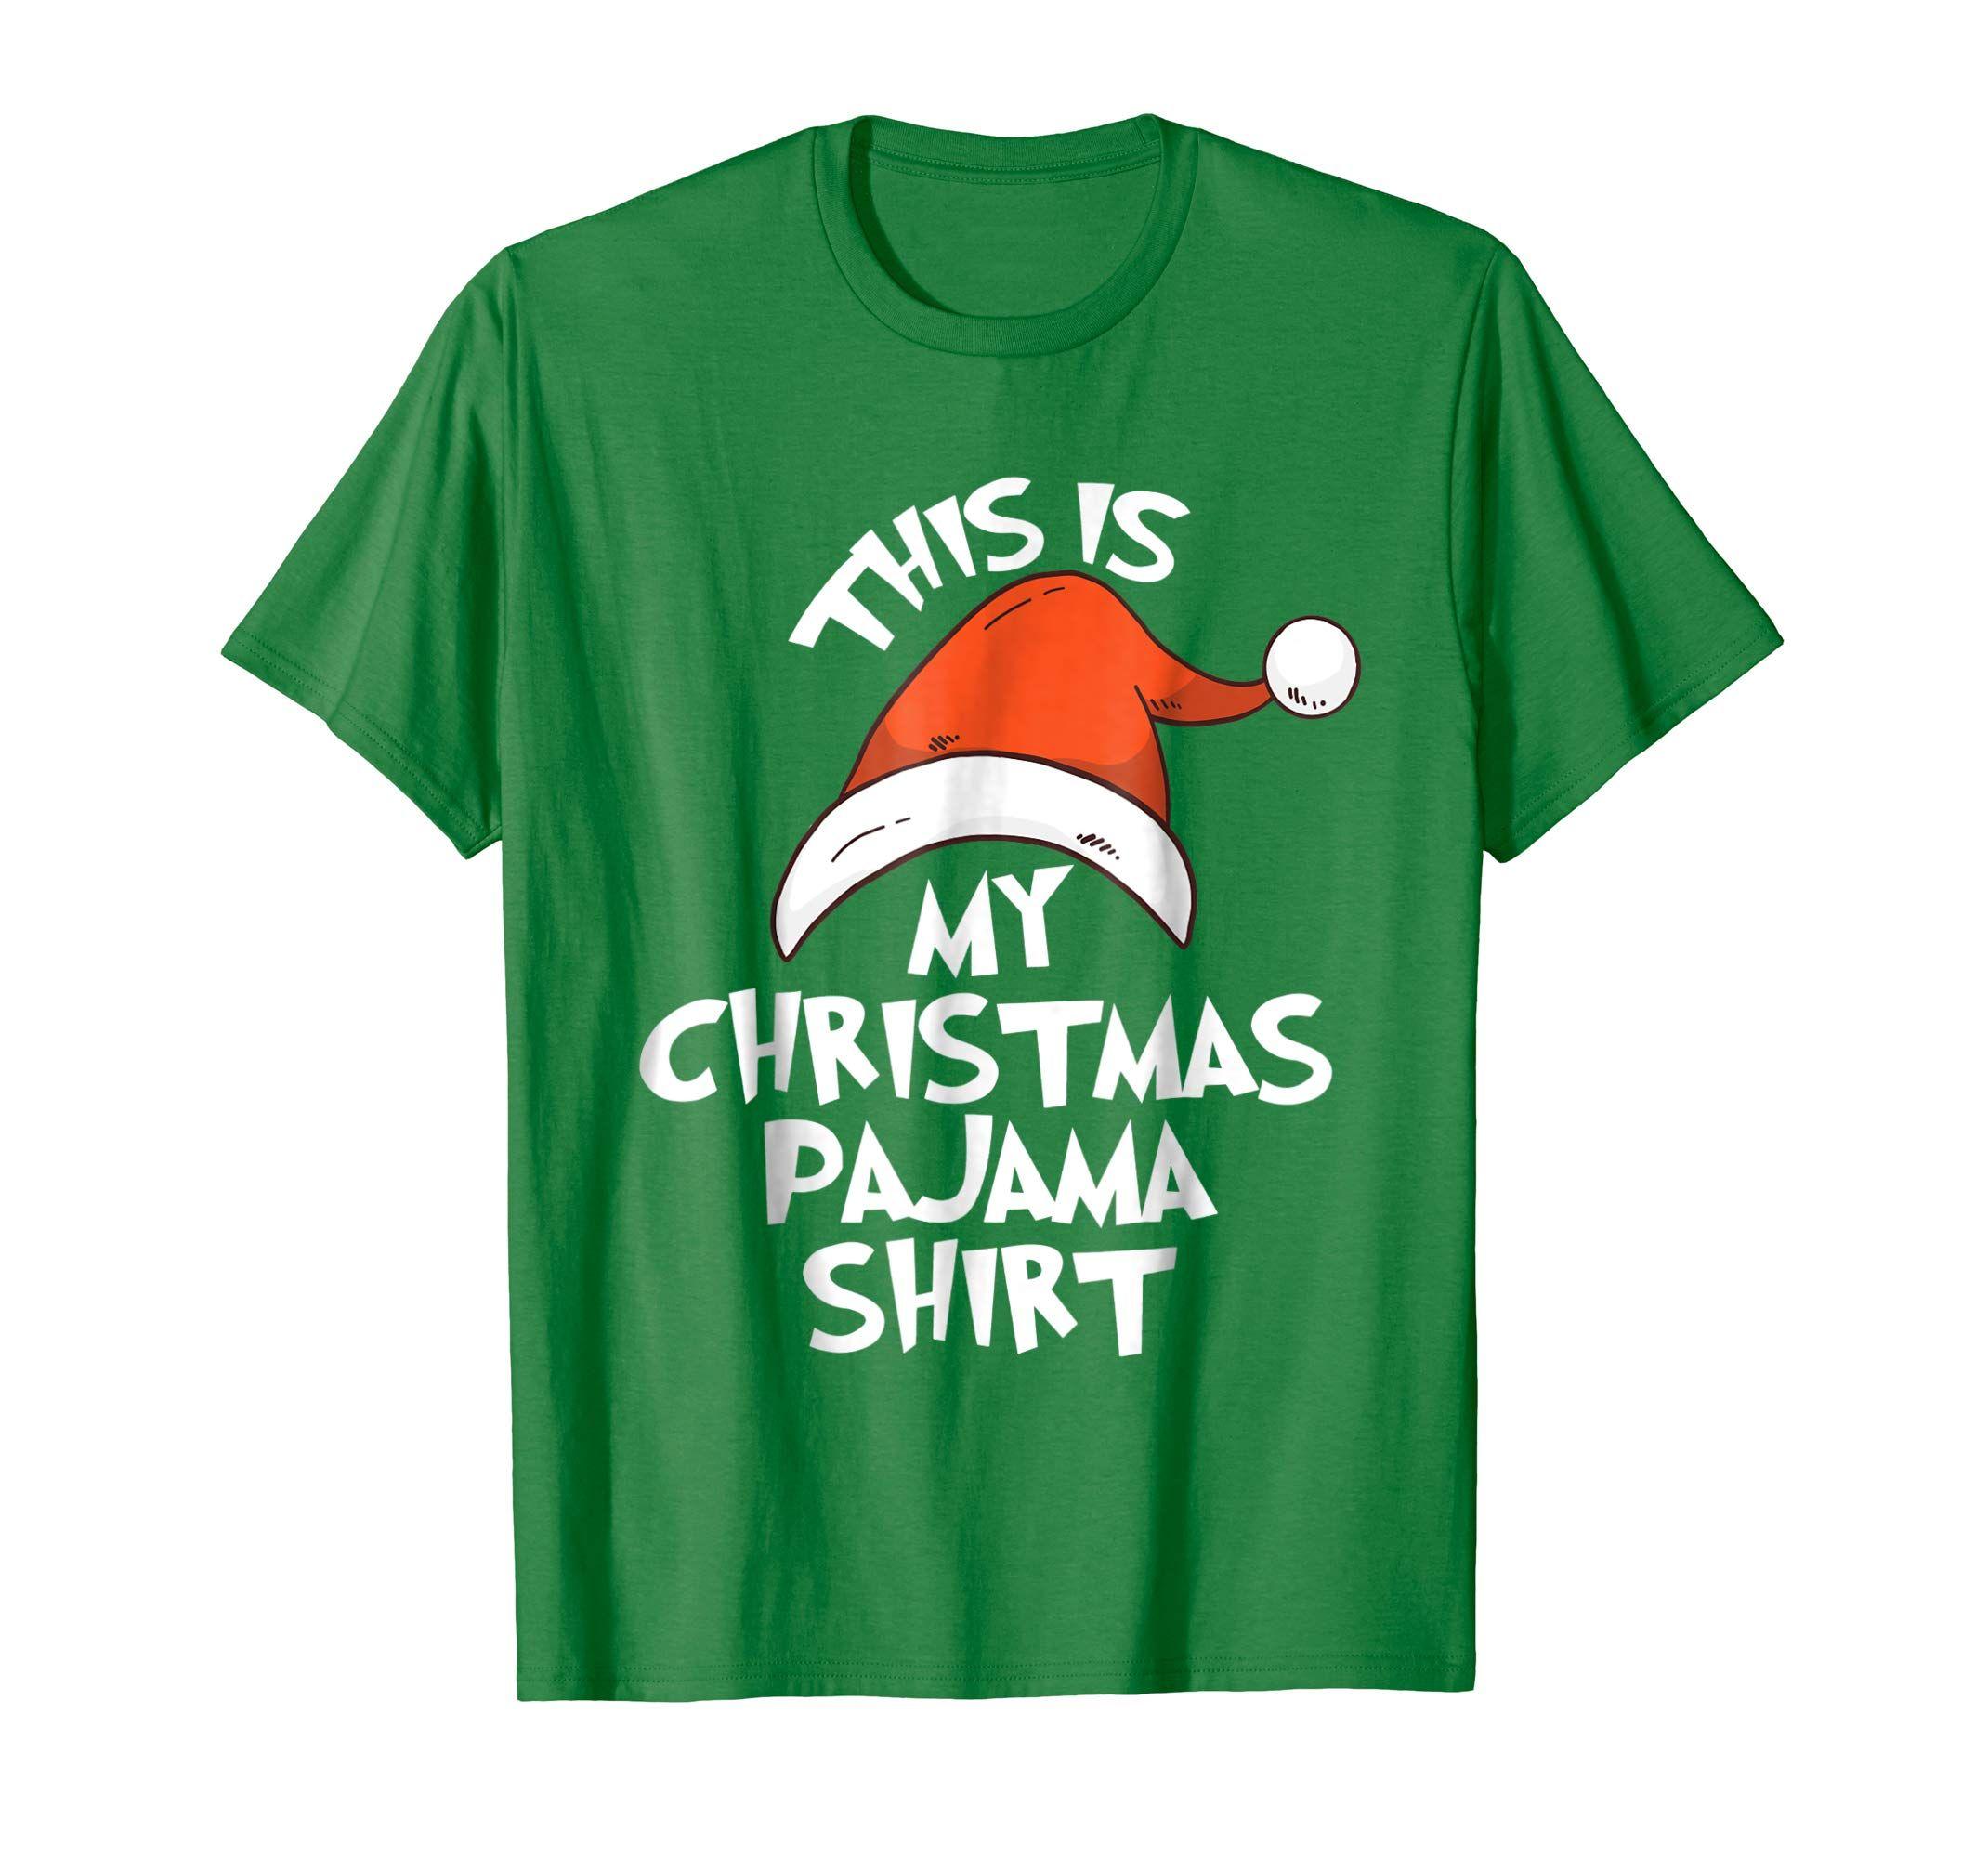 Pajama shirt, Christmas pajamas, Funky outfits